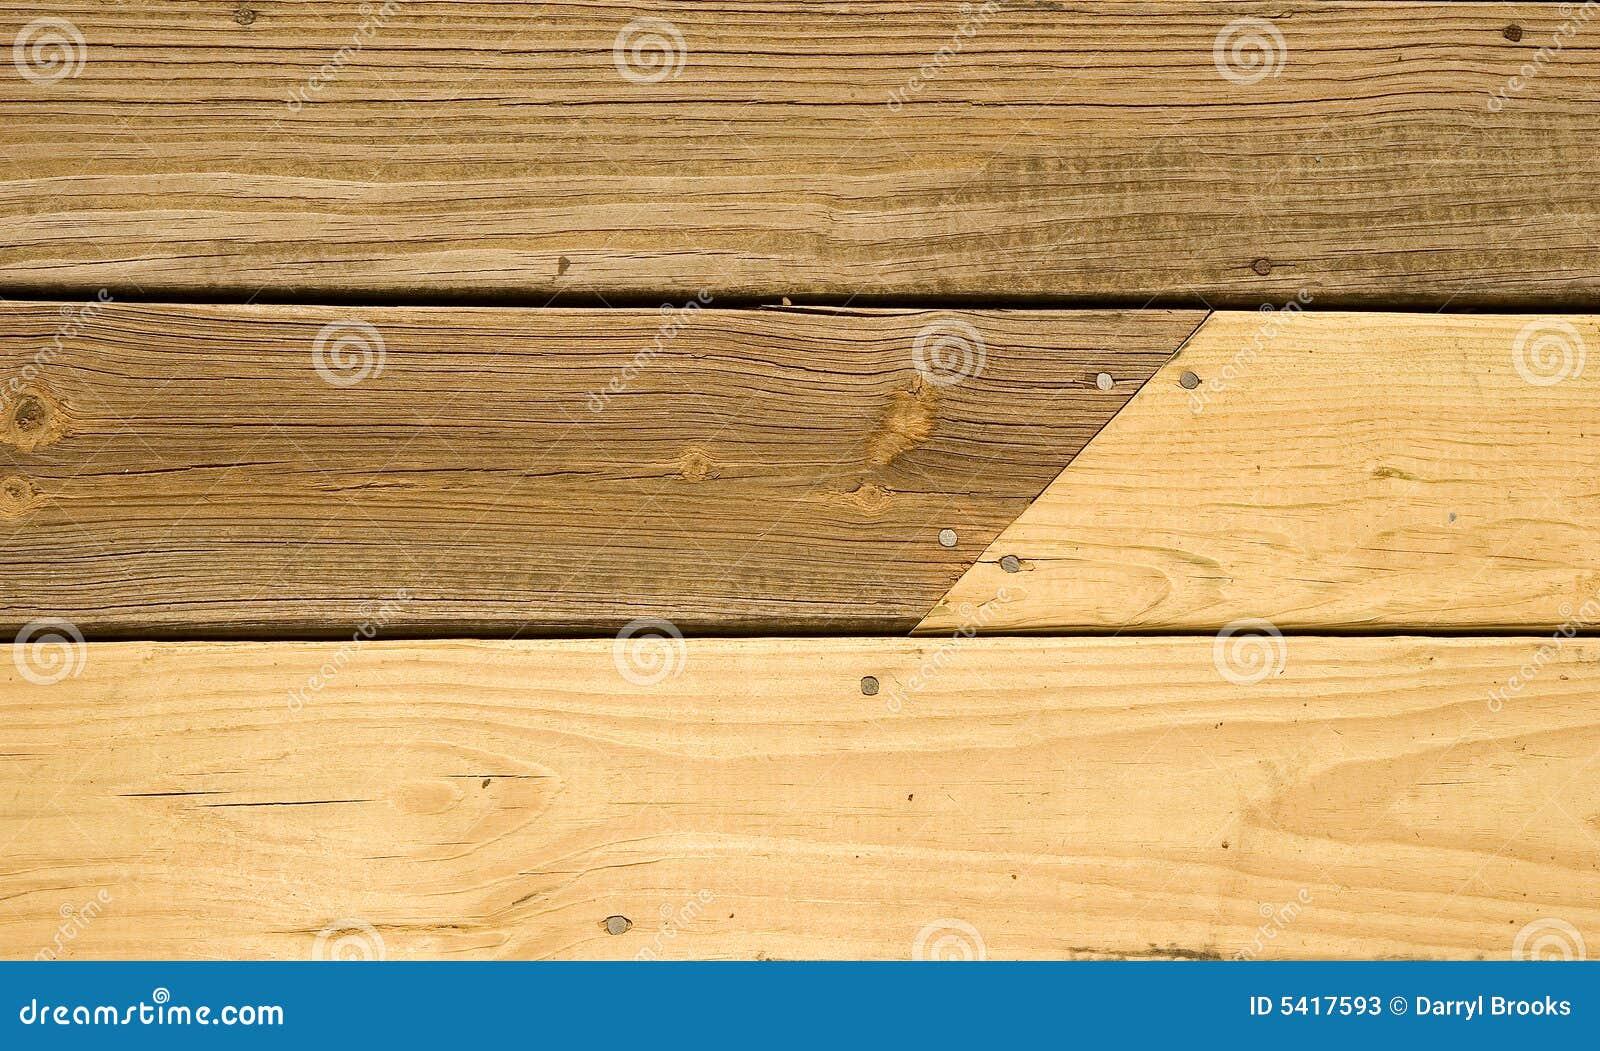 unfinished black walnut wood finished and unfinished wood